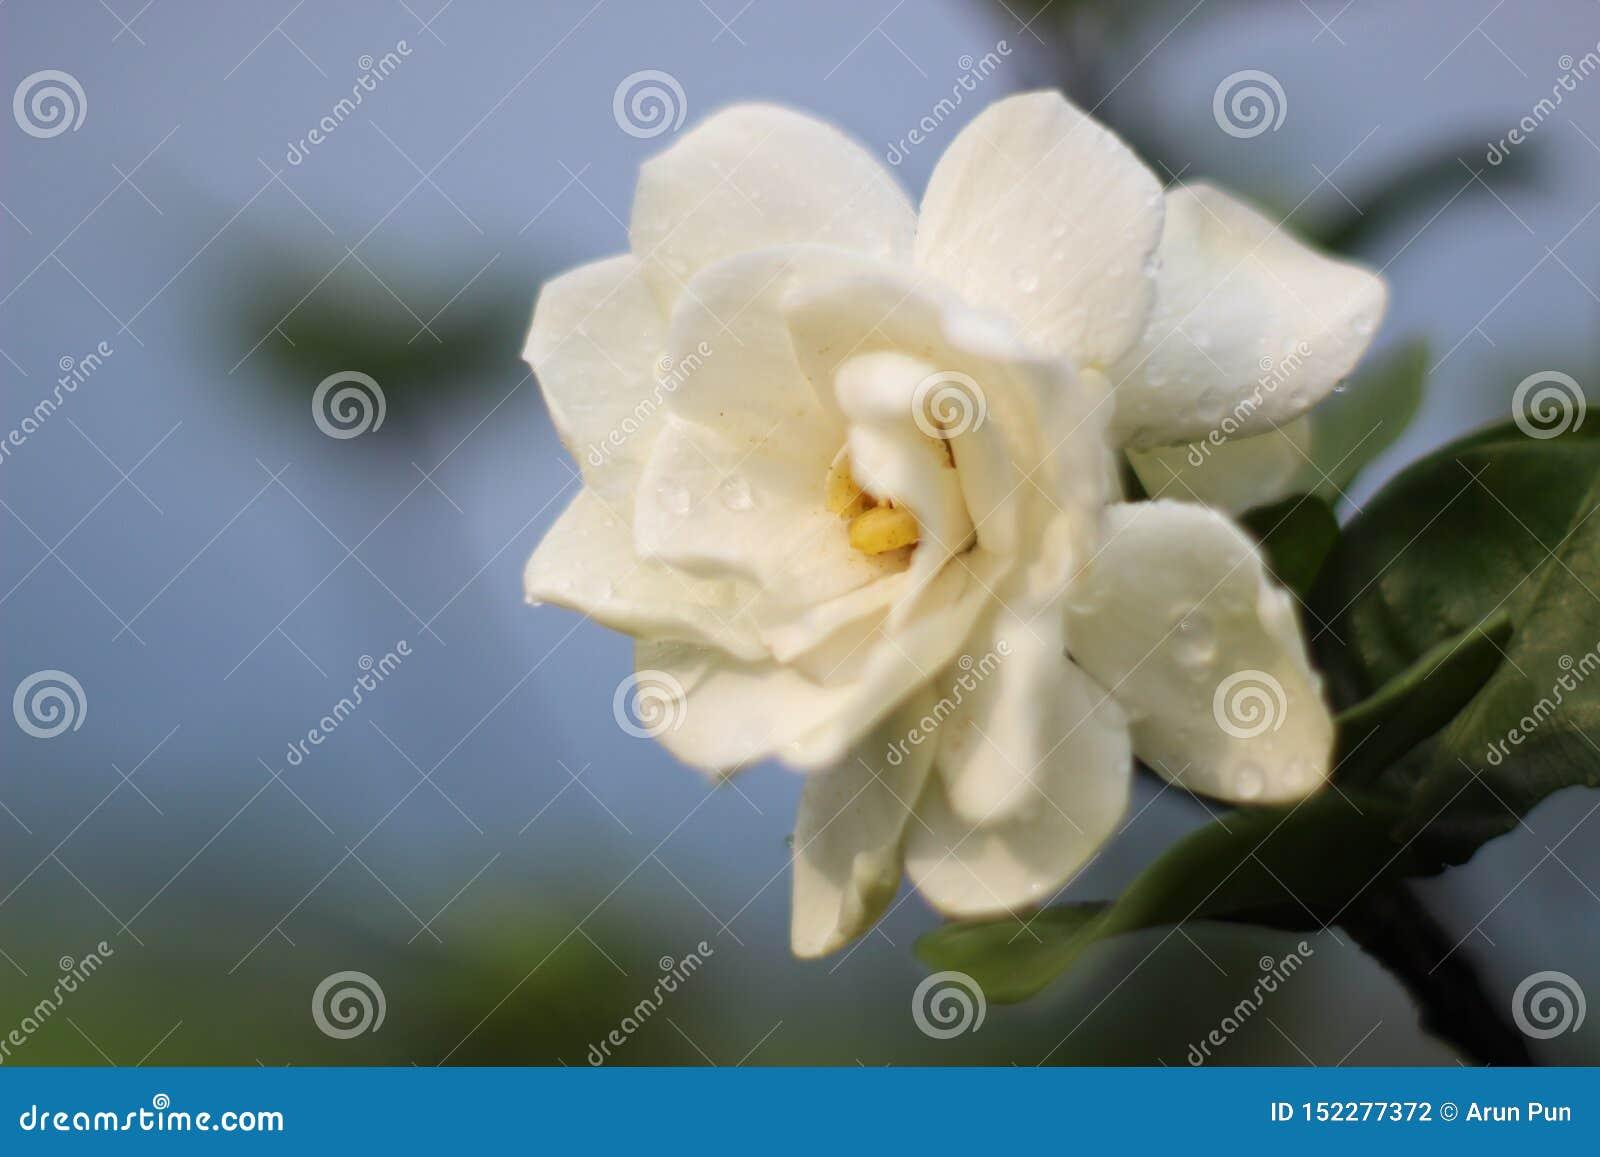 Gardeniabloem